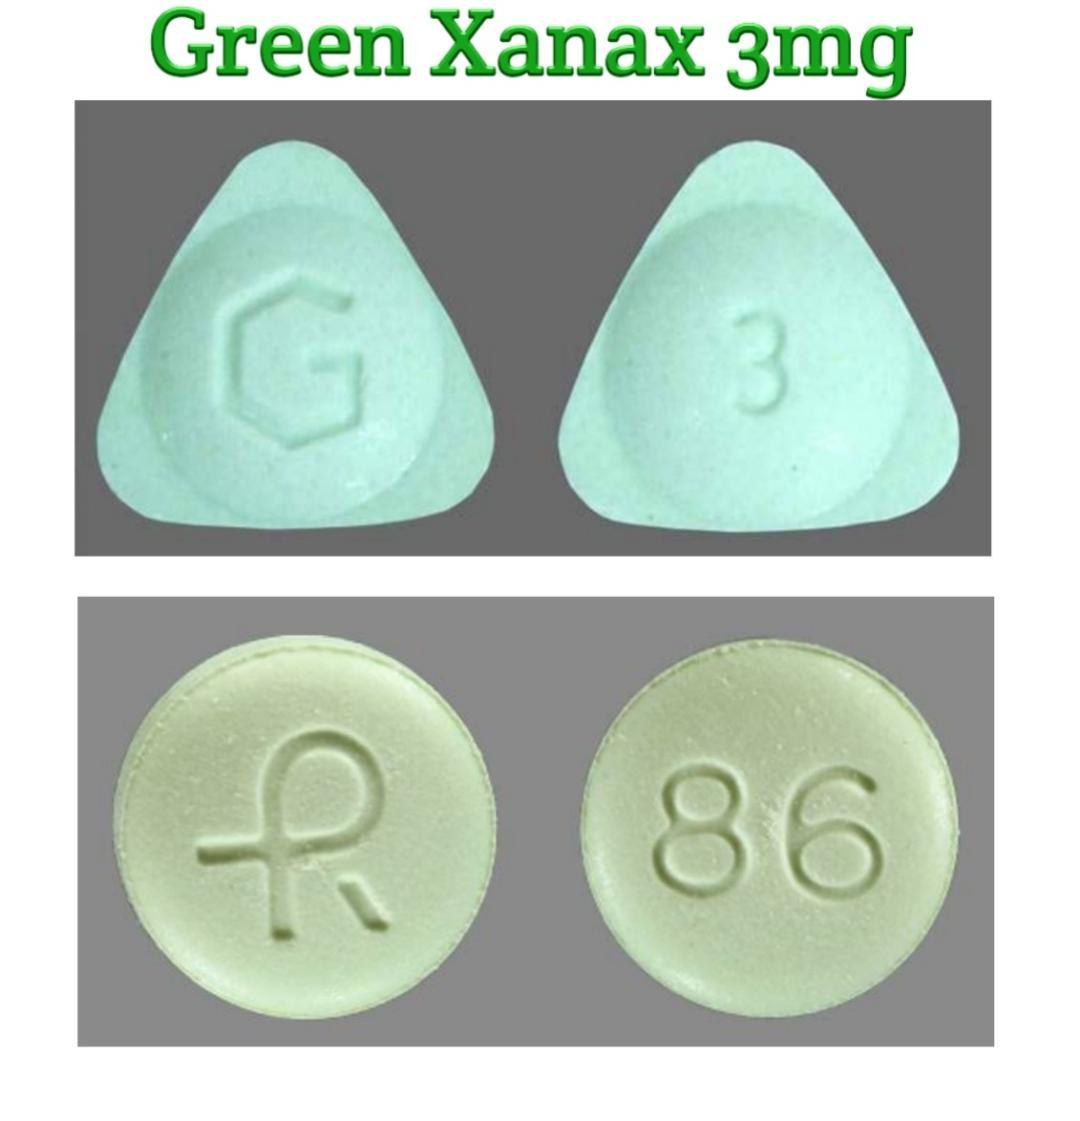 Green Xanax 3mg